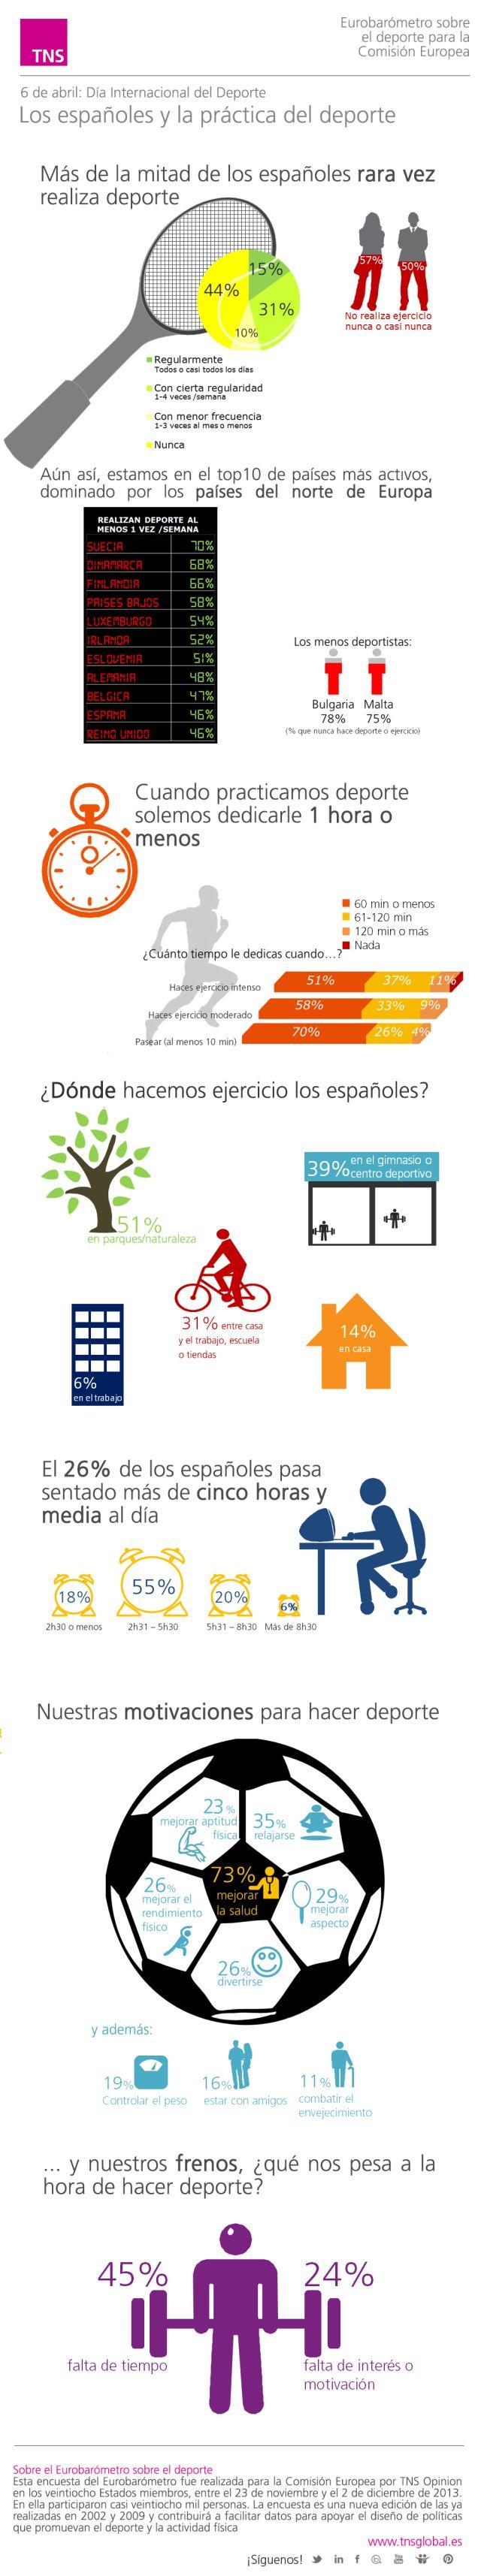 Los españoles y la práctica del deporte #infografia #infographic